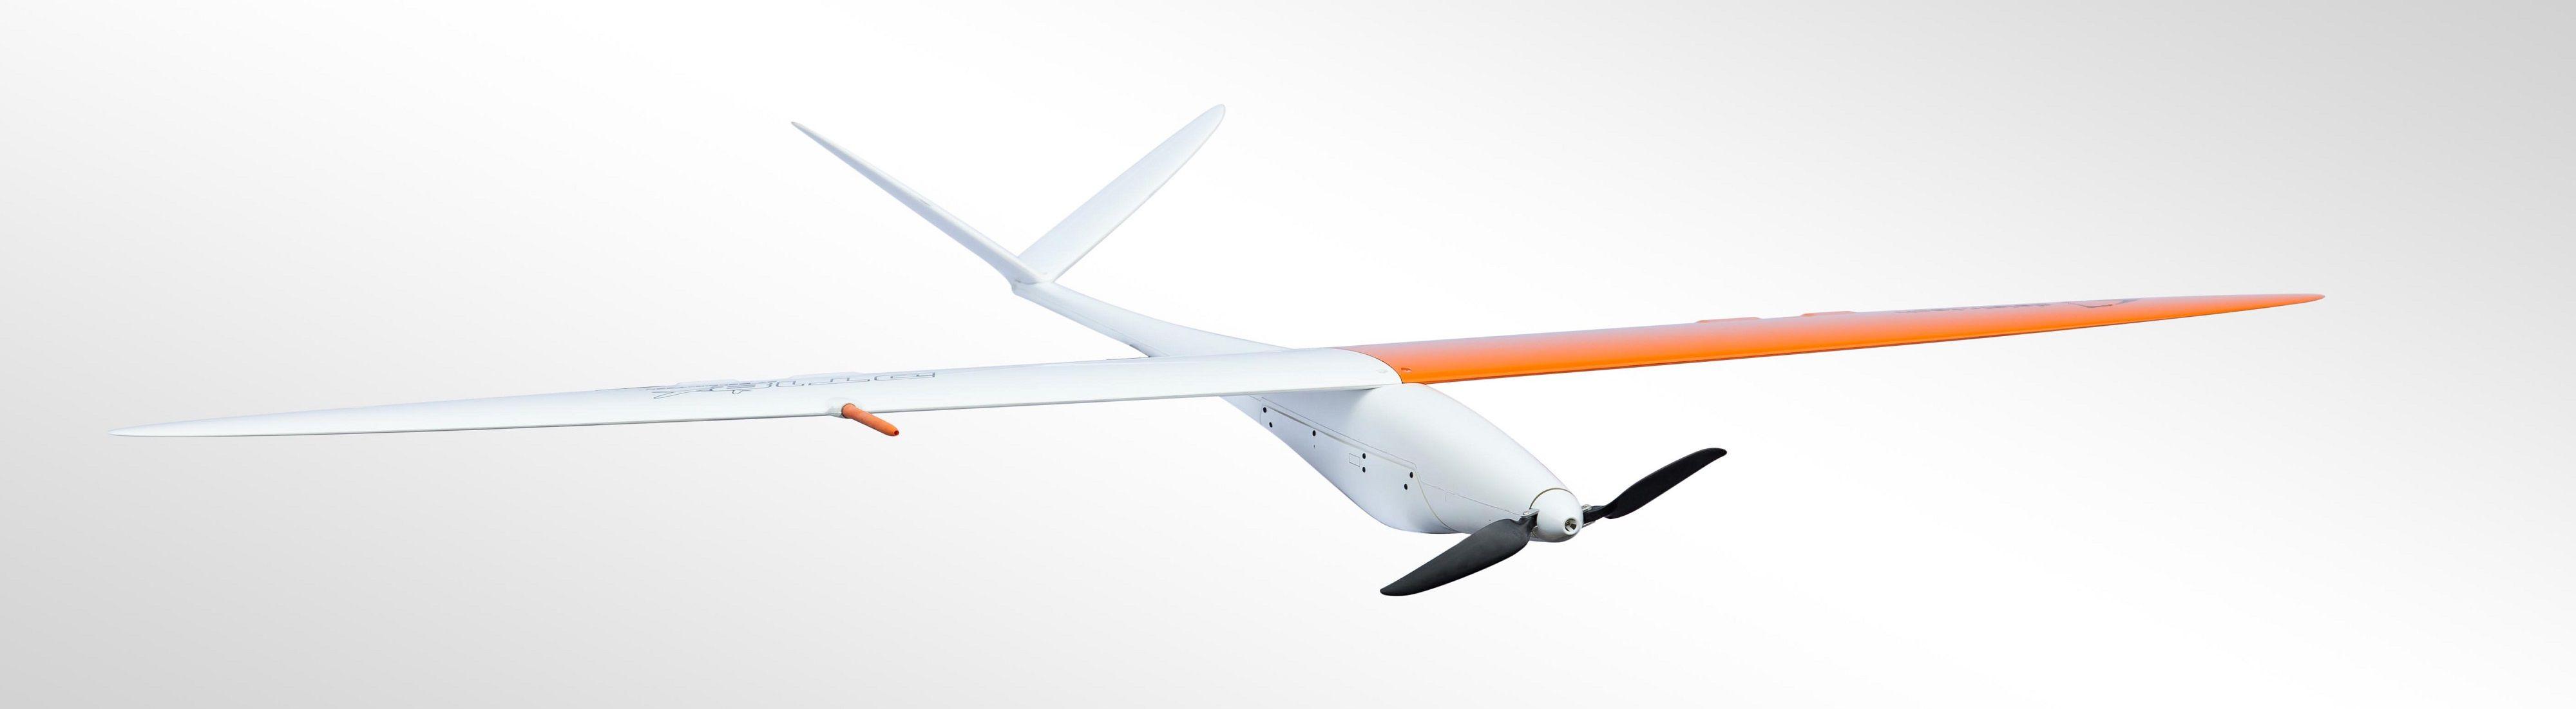 Delair-Tech DT18 drone long range UAV